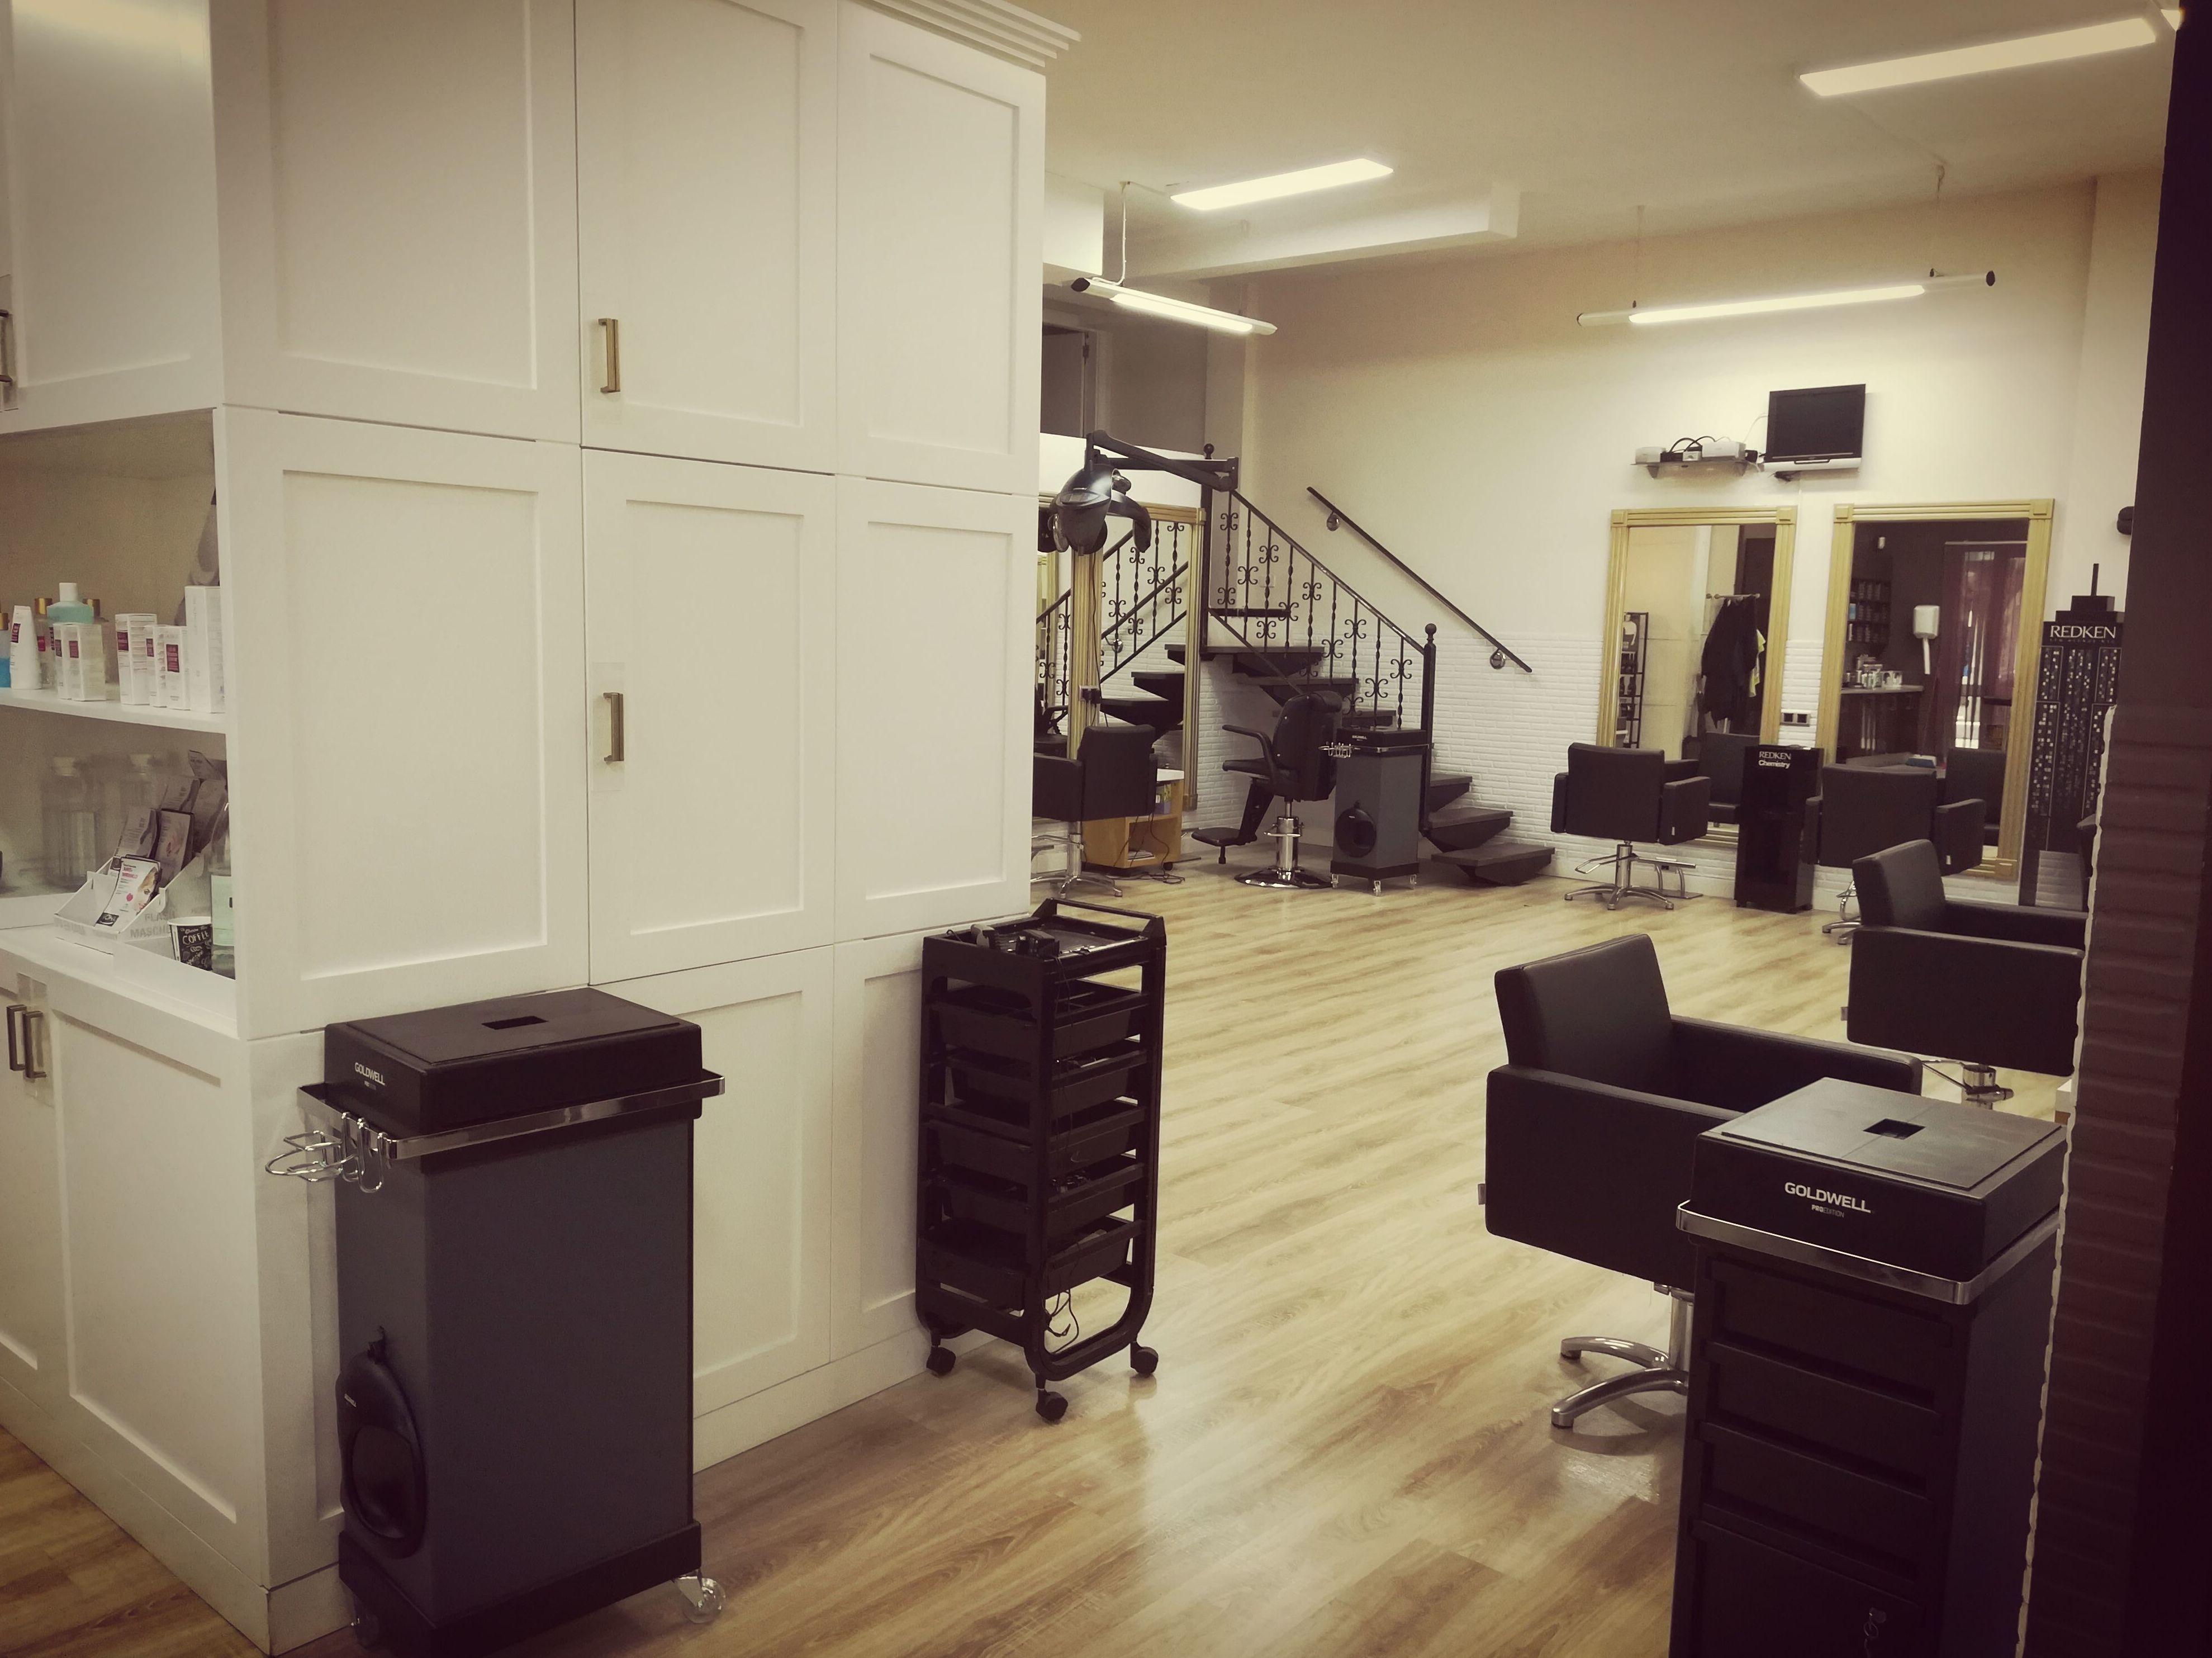 Foto 7 de Salón de belleza, peluquería y estética en Arucas | De´Pinie Peluquería